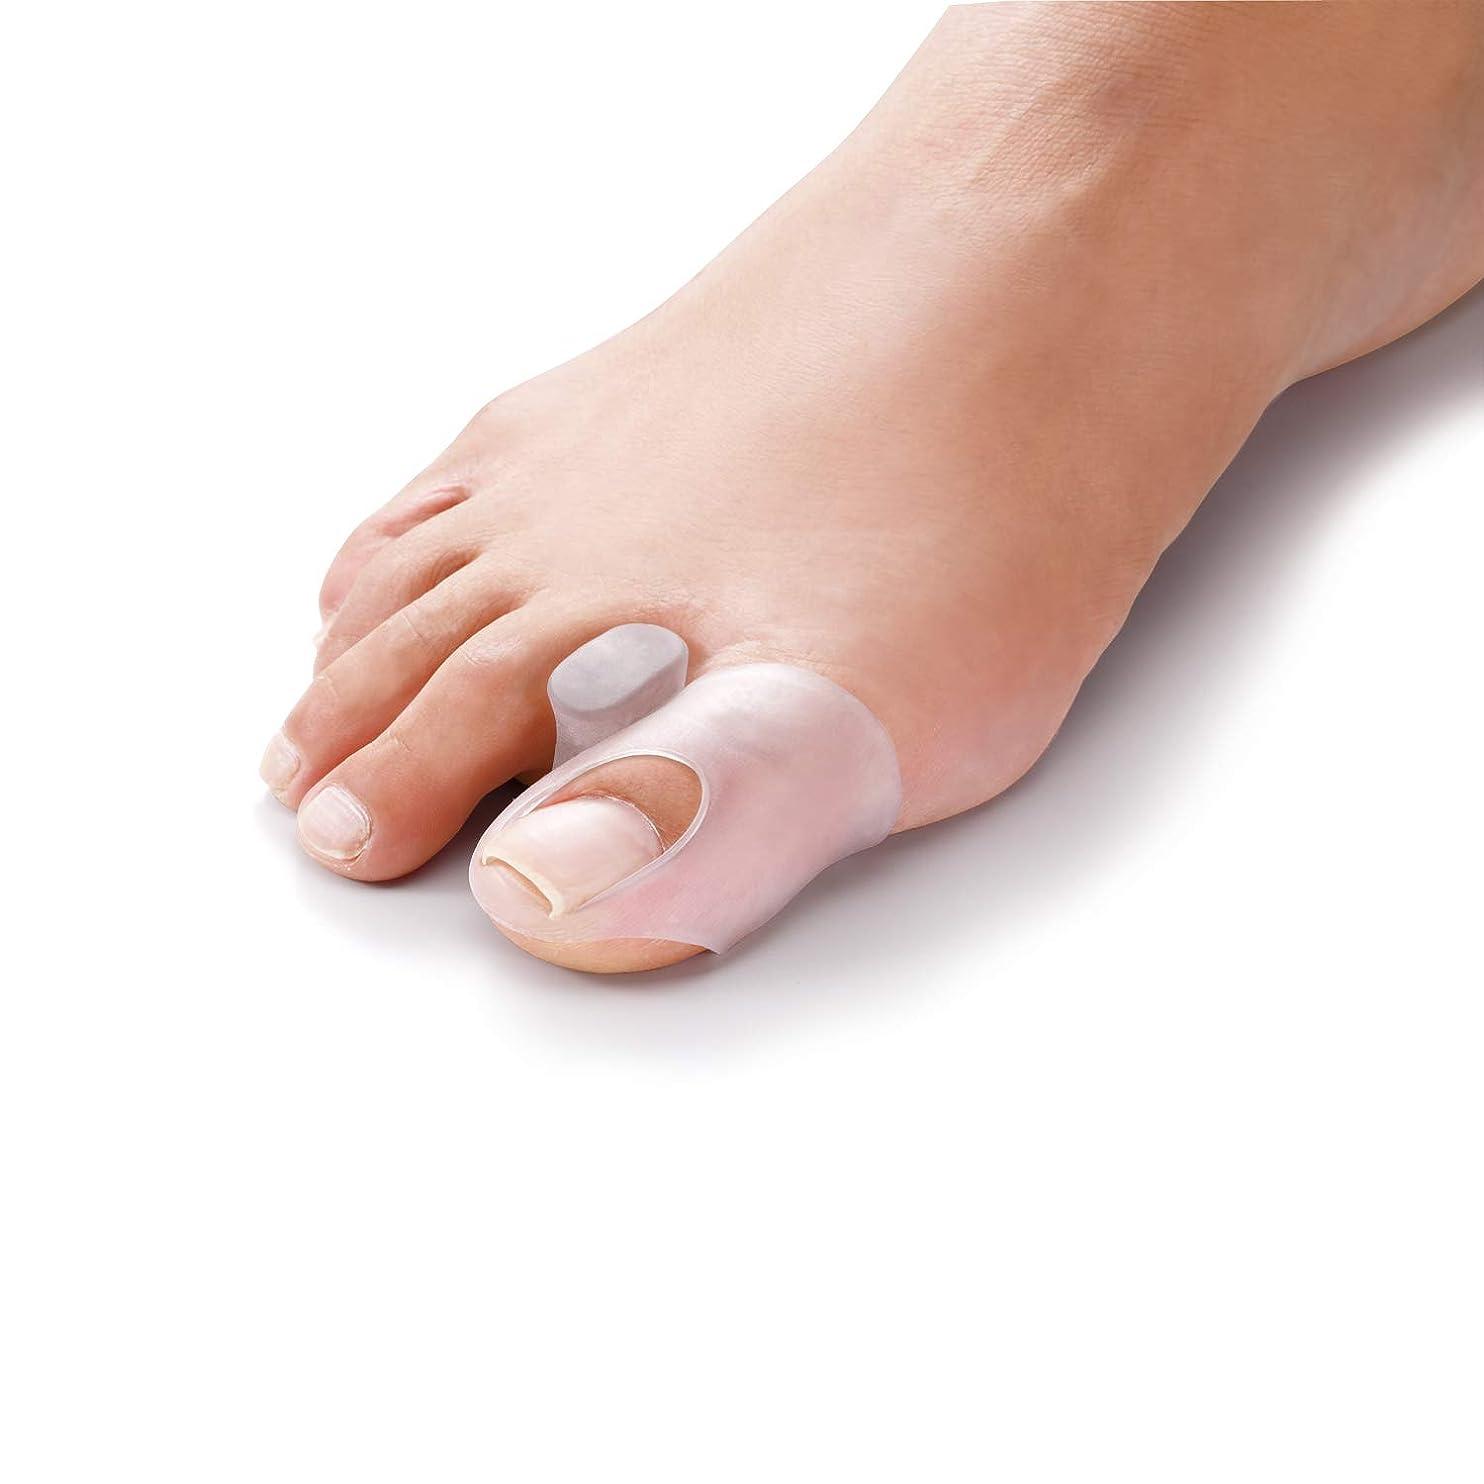 取り替える期限切れ医療過誤やわらゲル 外反巻き爪ゲルサック 巻き爪 外反母趾 変型爪